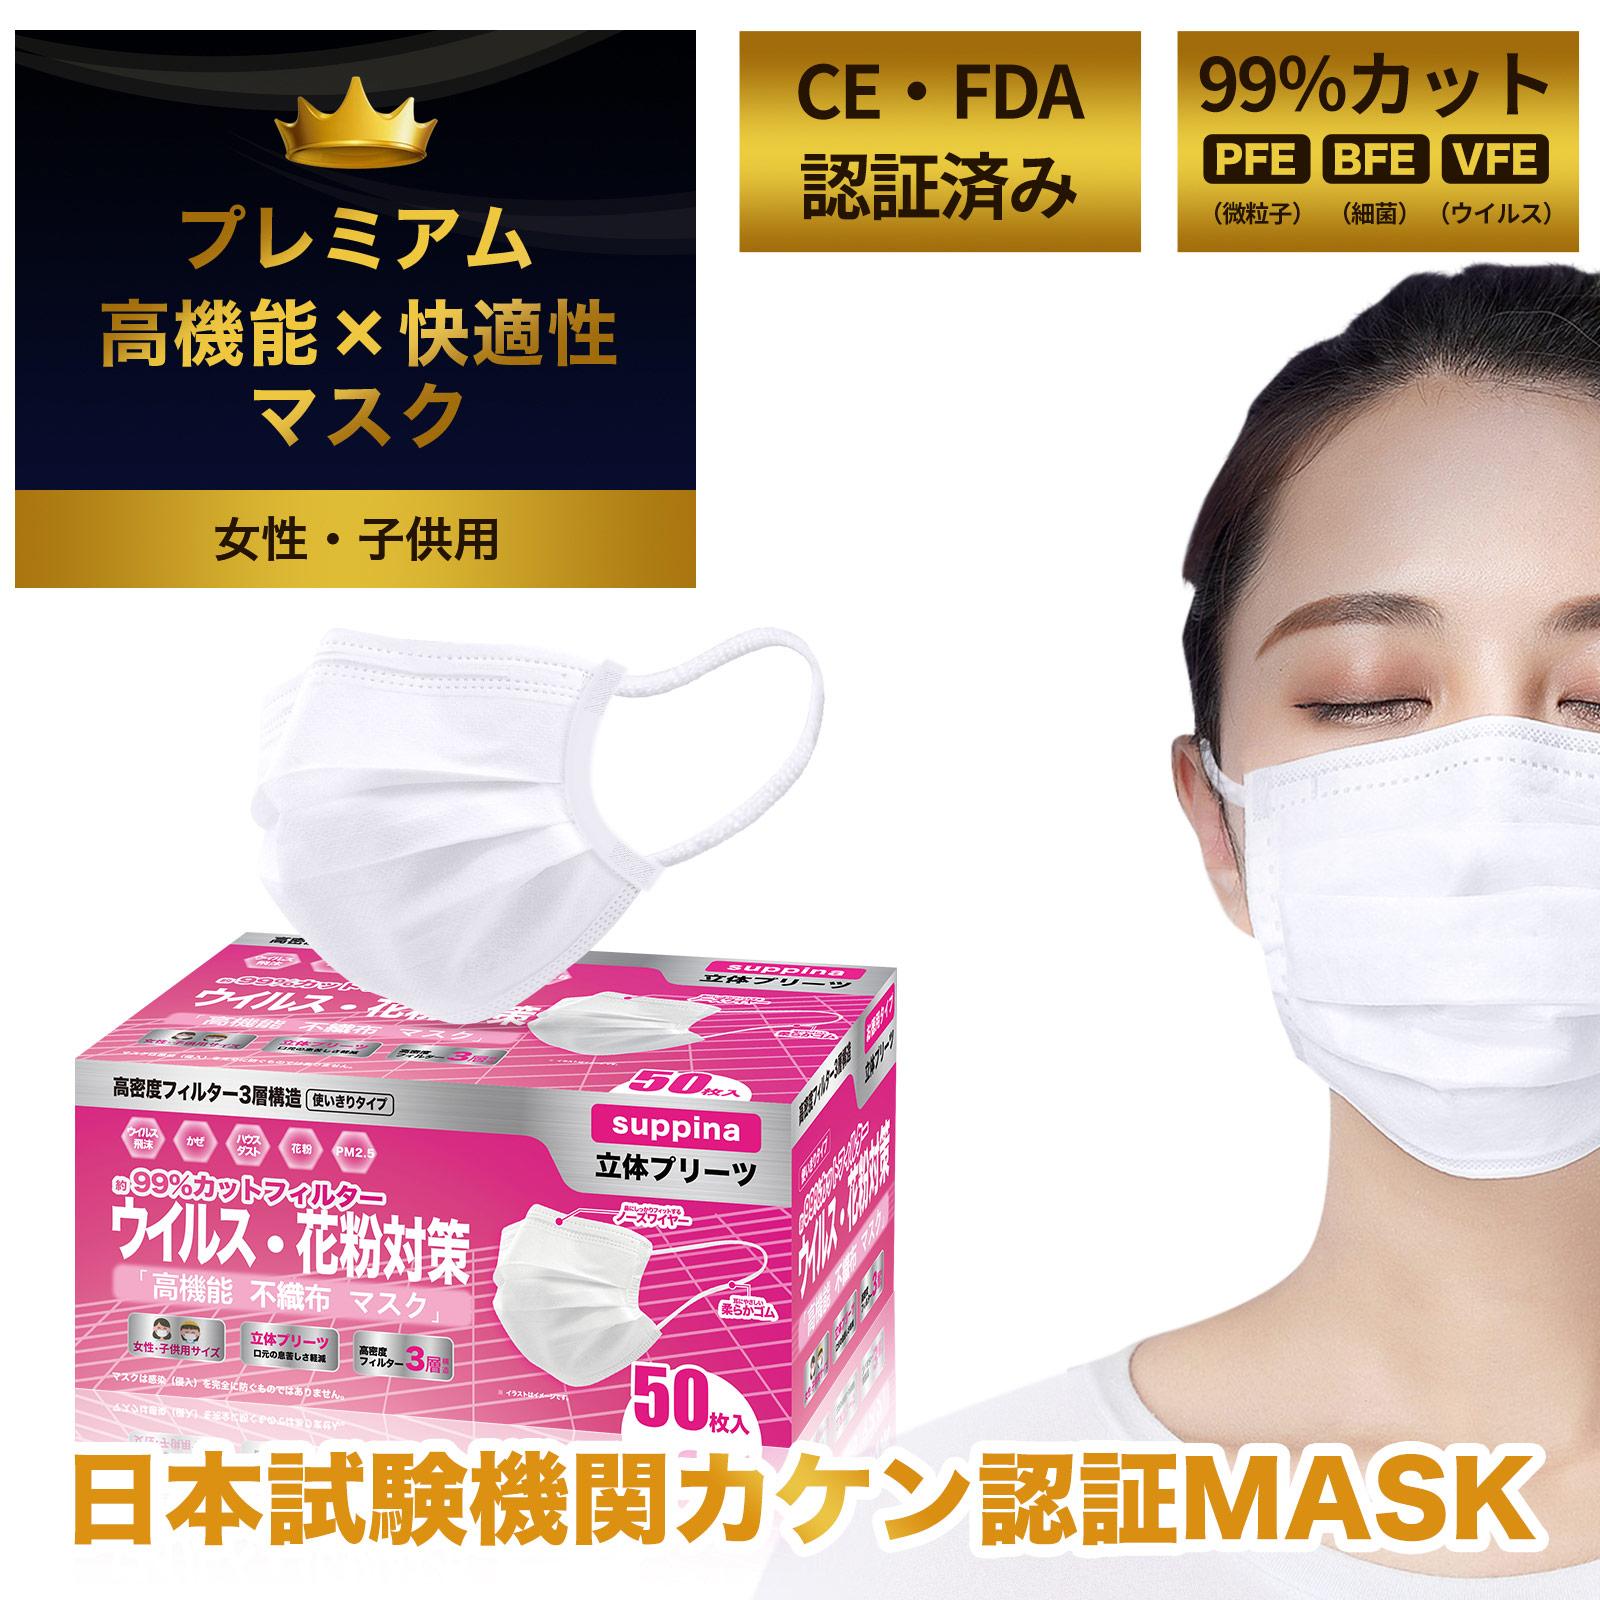 日本機構検査済 suppina 99%CUT マスク 女性・子供用 小さめサイズ  高機能マスク お徳用 50枚入 MASK